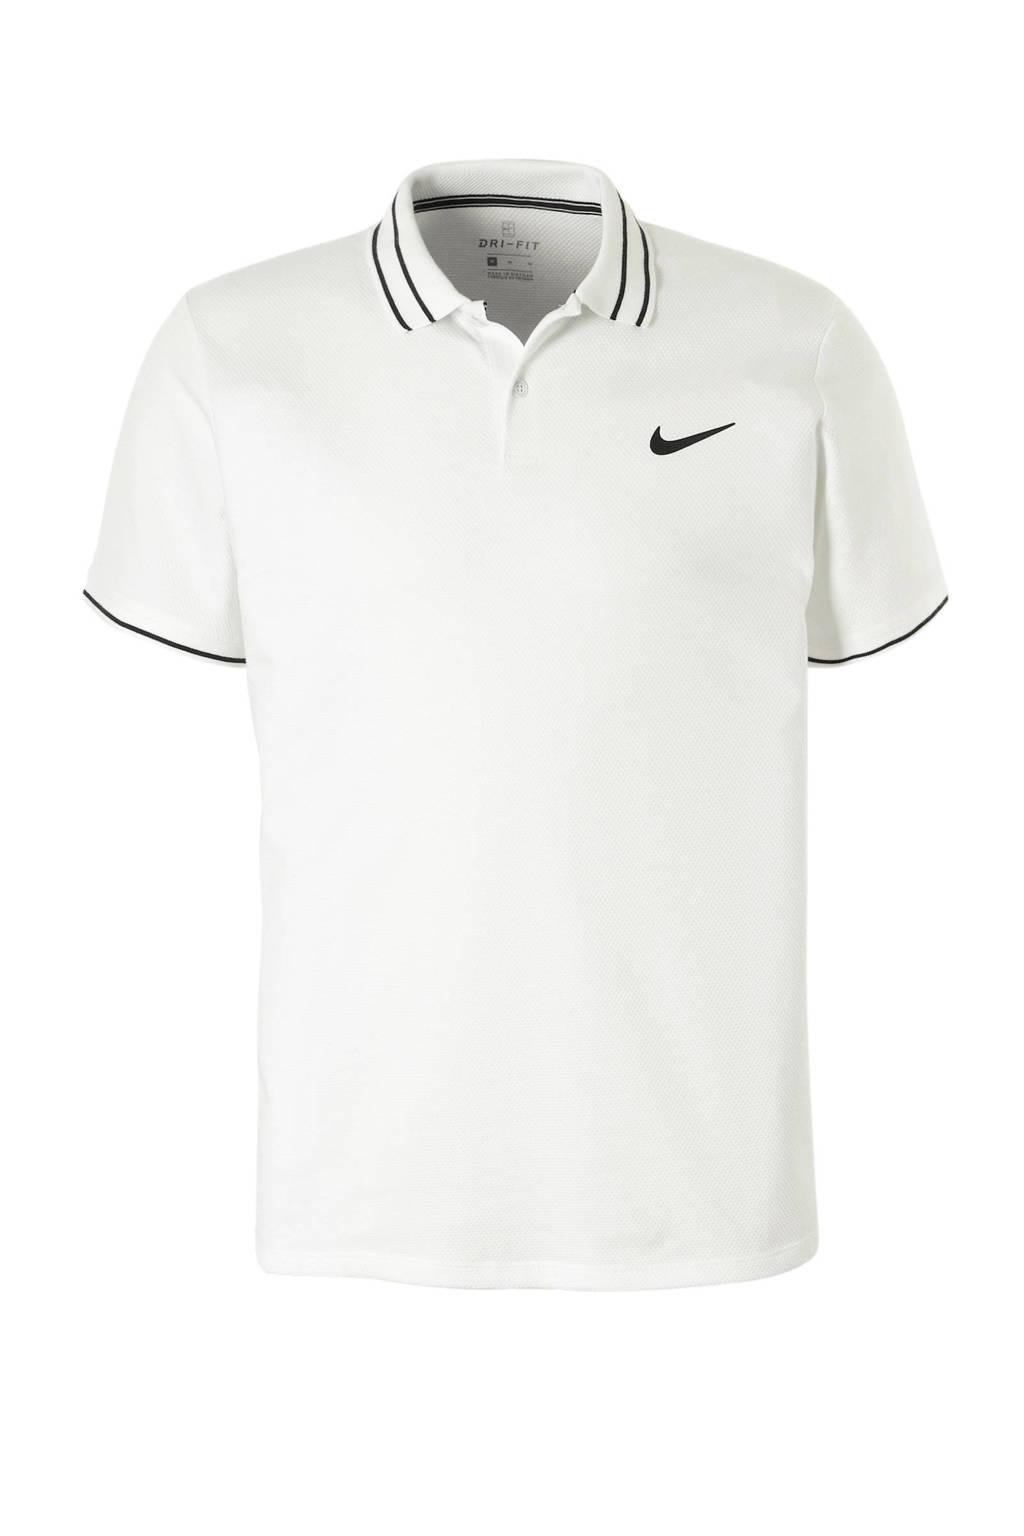 Nike   sportpolo pique, Wit/zwart